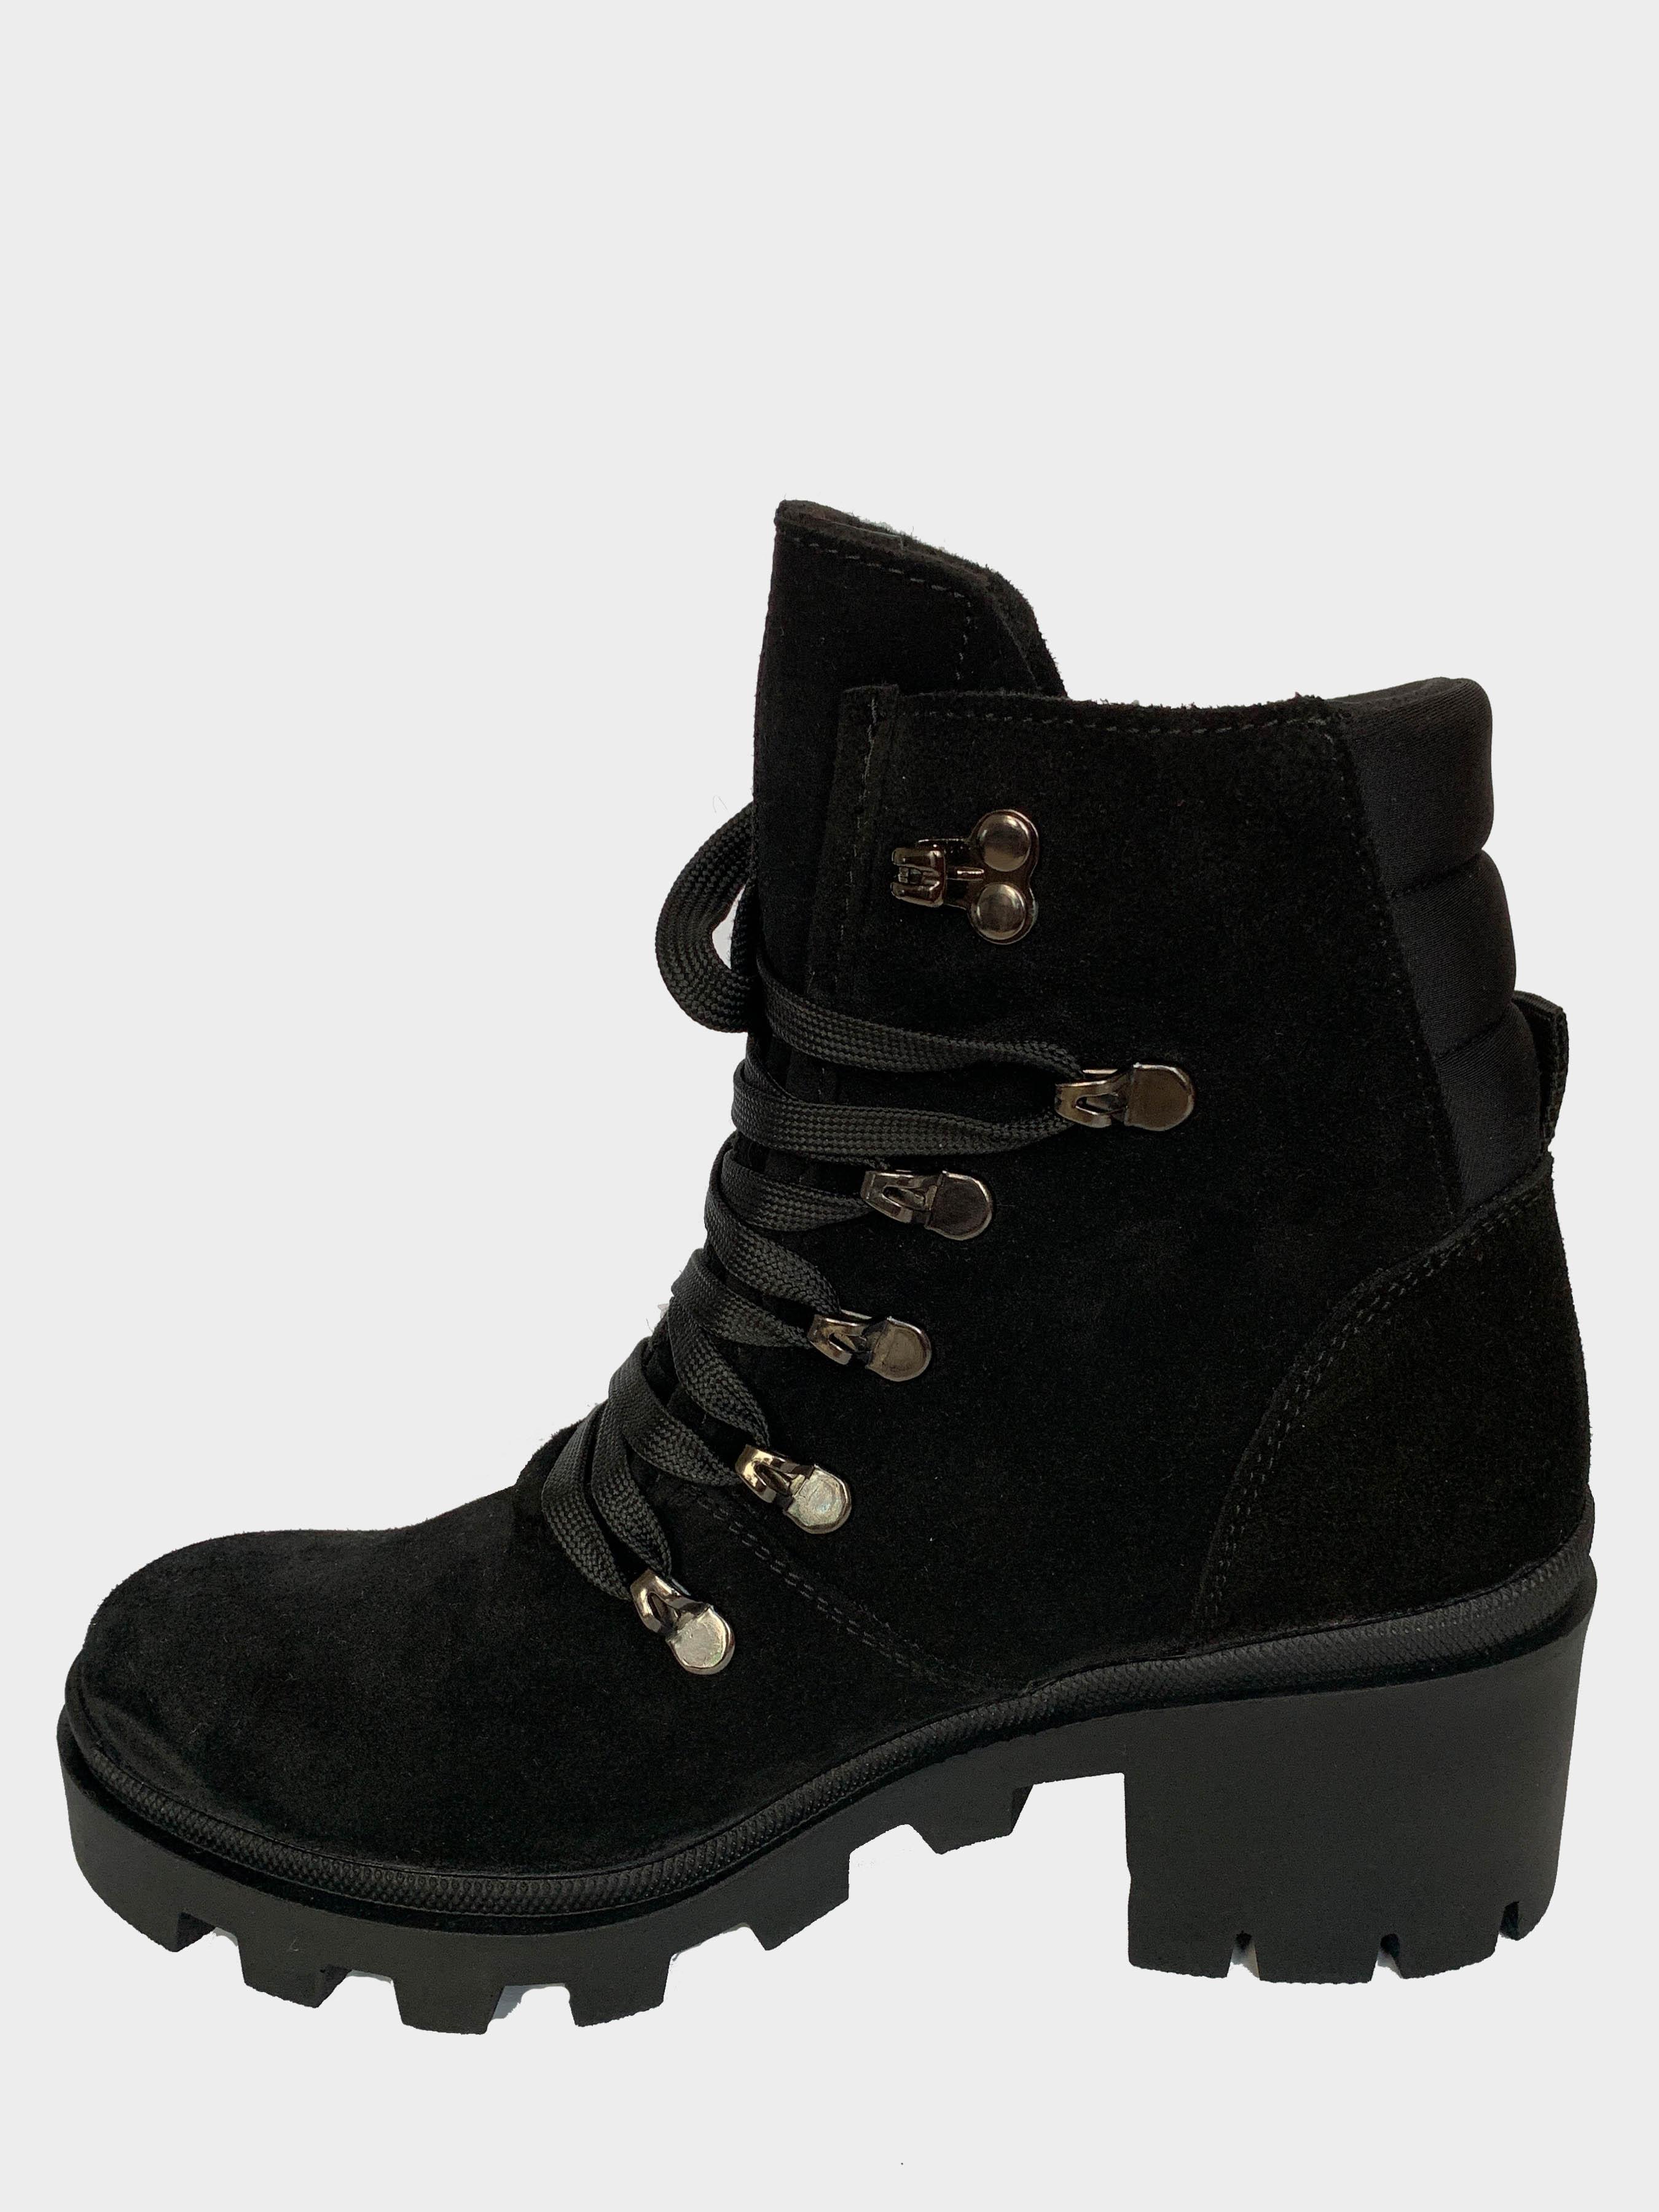 Ботинки детские Abigail Velur Black 204-1Z купить обувь, 2017